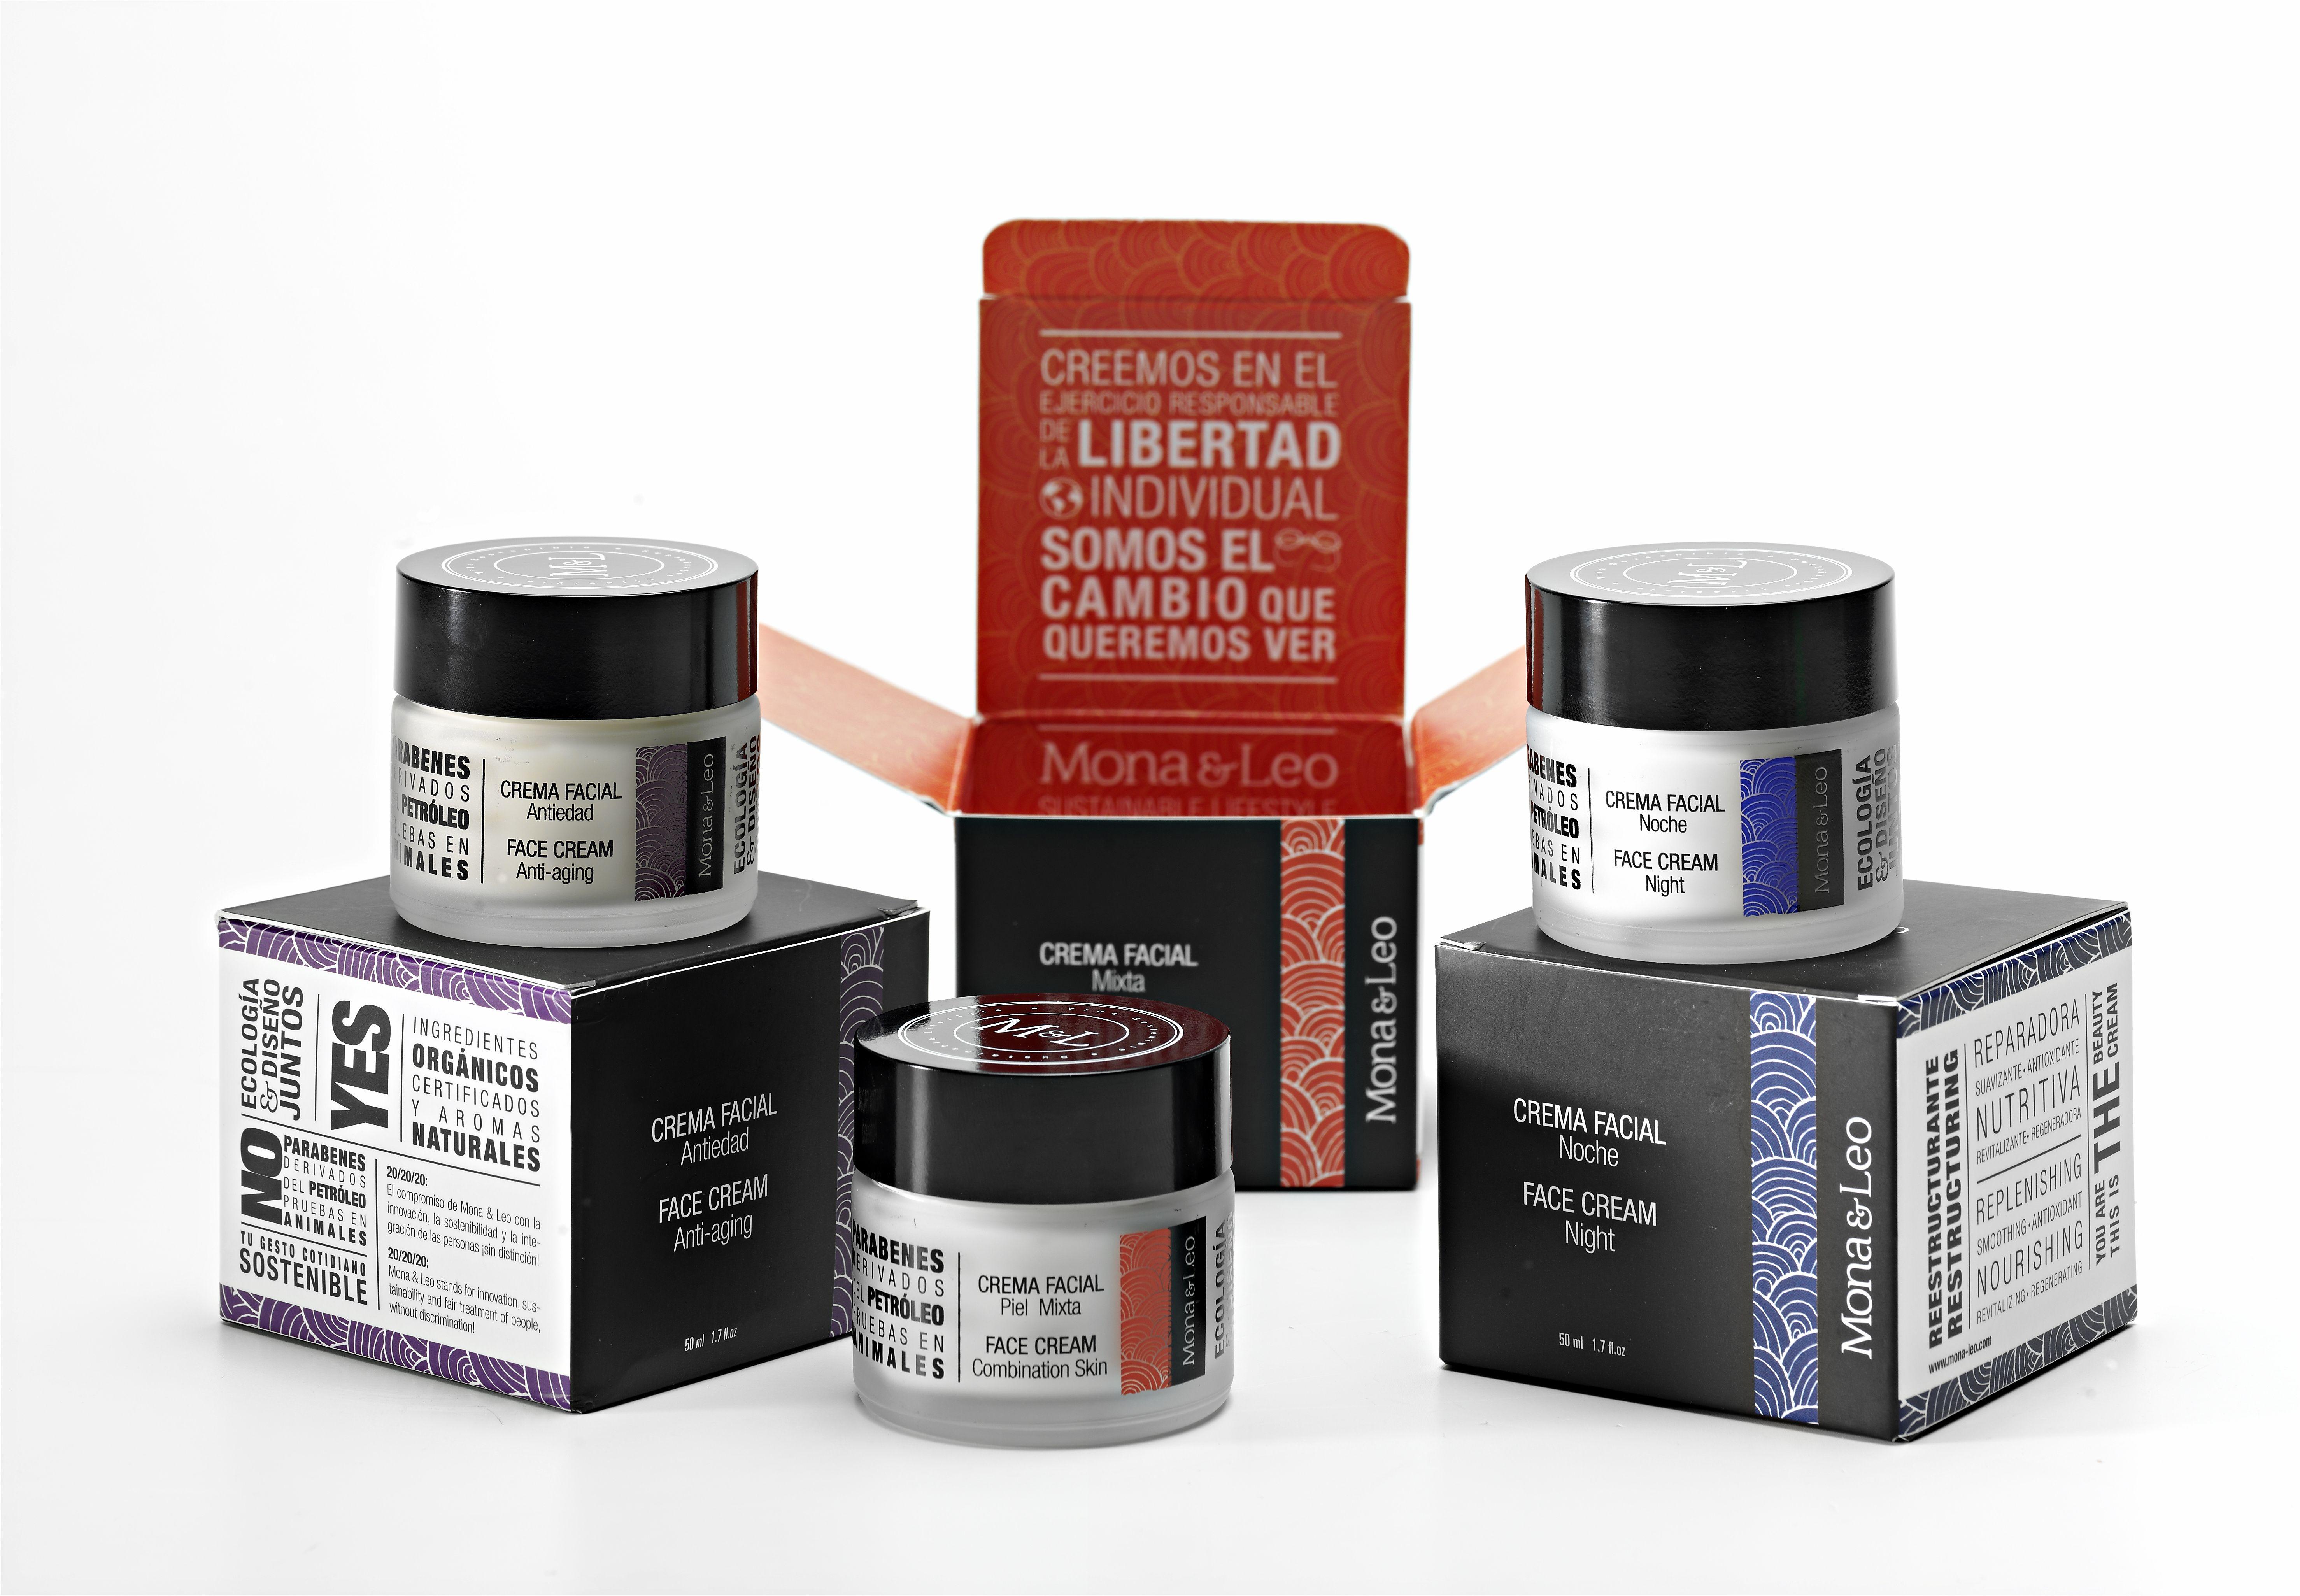 Otra opción es combinar cremas, ya que no siempre nuestra piel nos demanda lo mismo. Depende de la hora del día podemos usar un tipo de crema diferente.